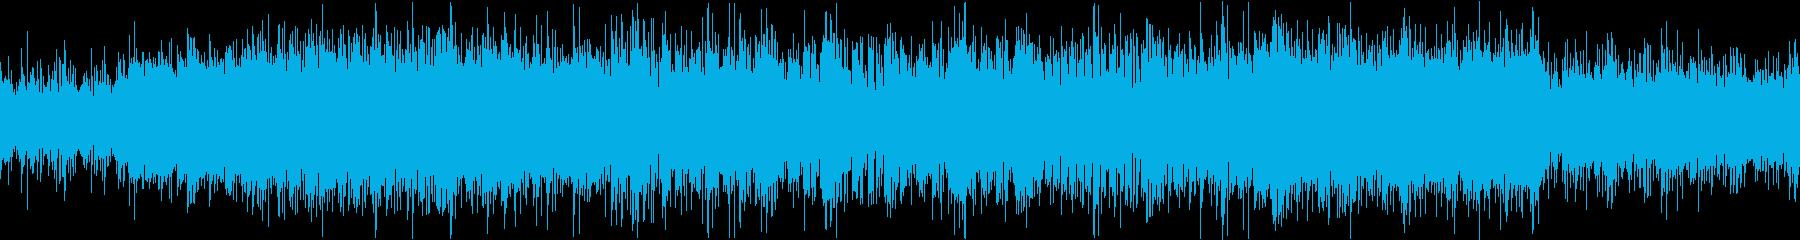 ファンタジーRPGなどで使える神秘的な…の再生済みの波形